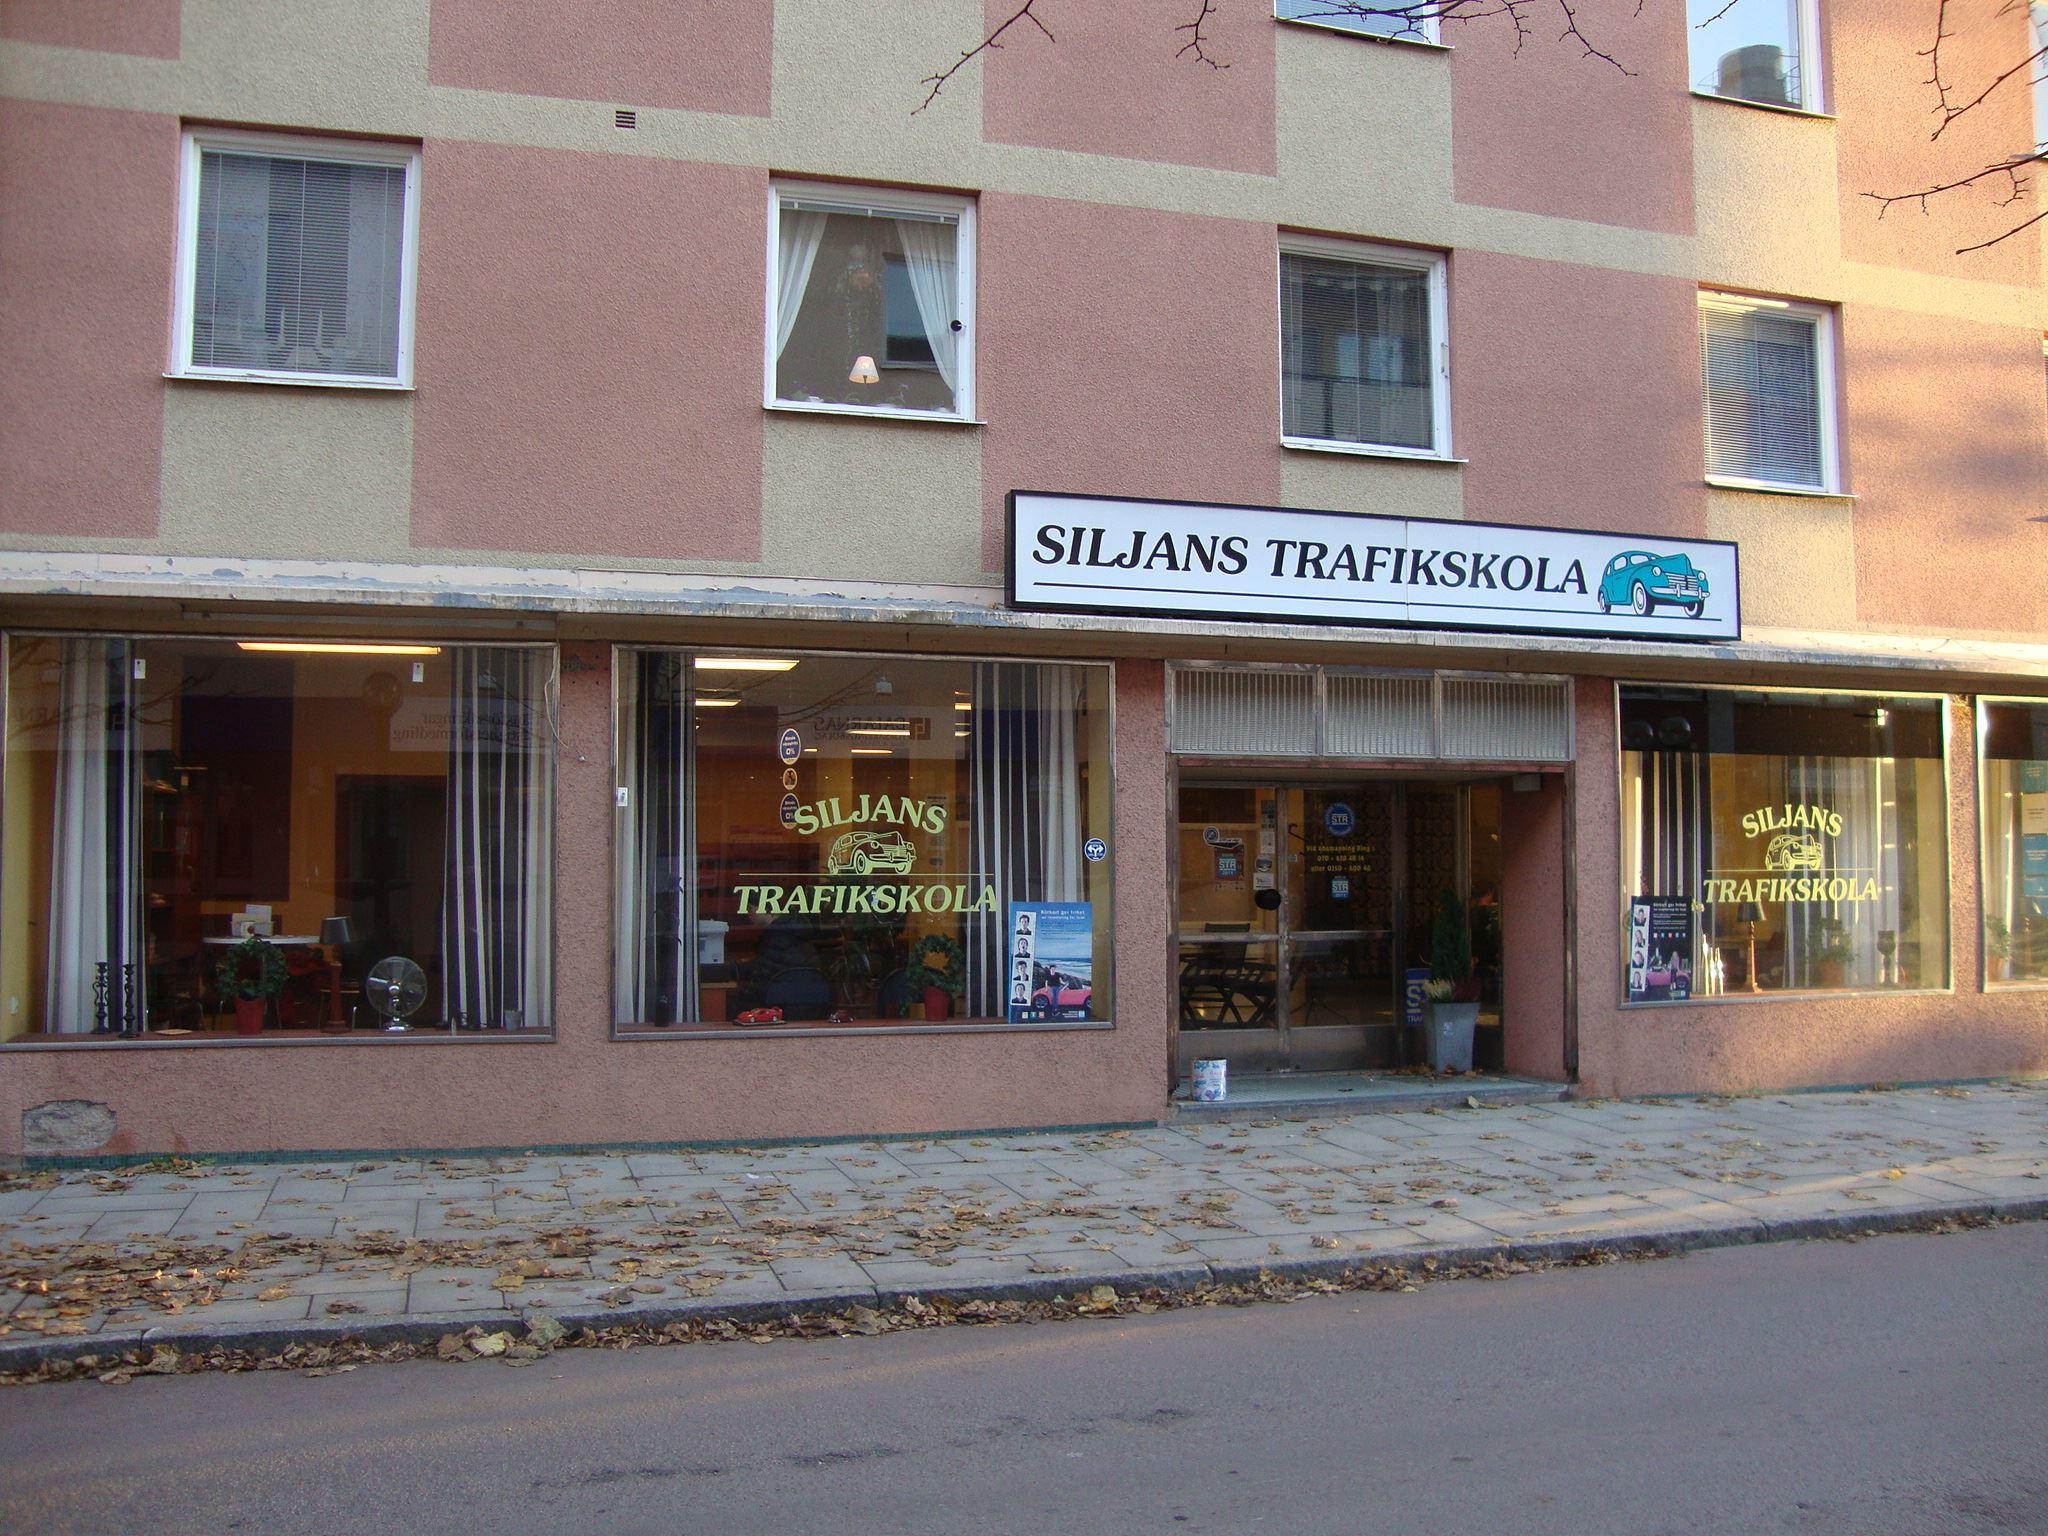 Siljans Trafikskola AB